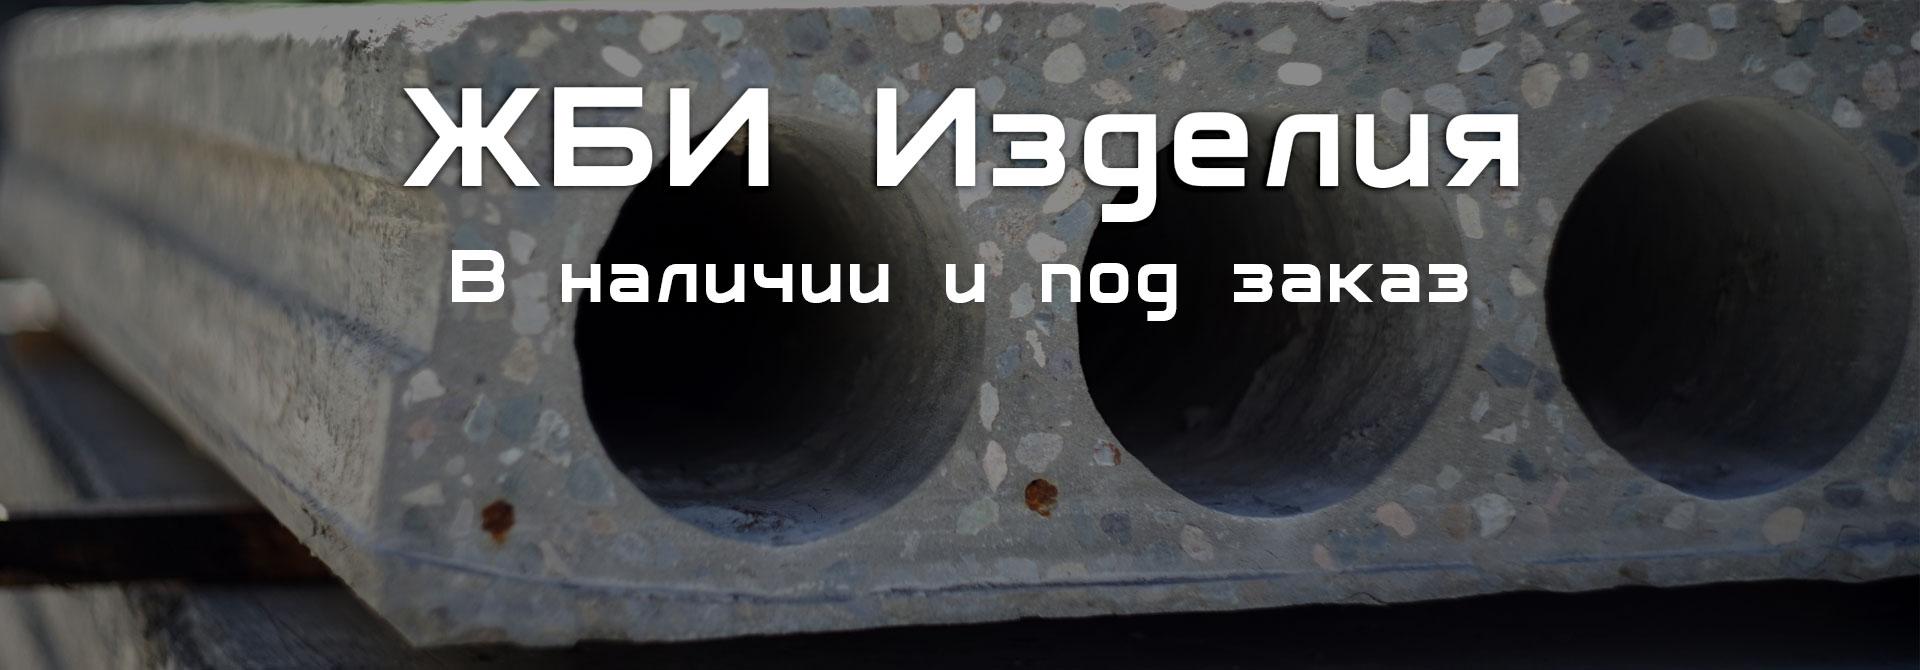 title_6093d7fcd0b999372239581620301820